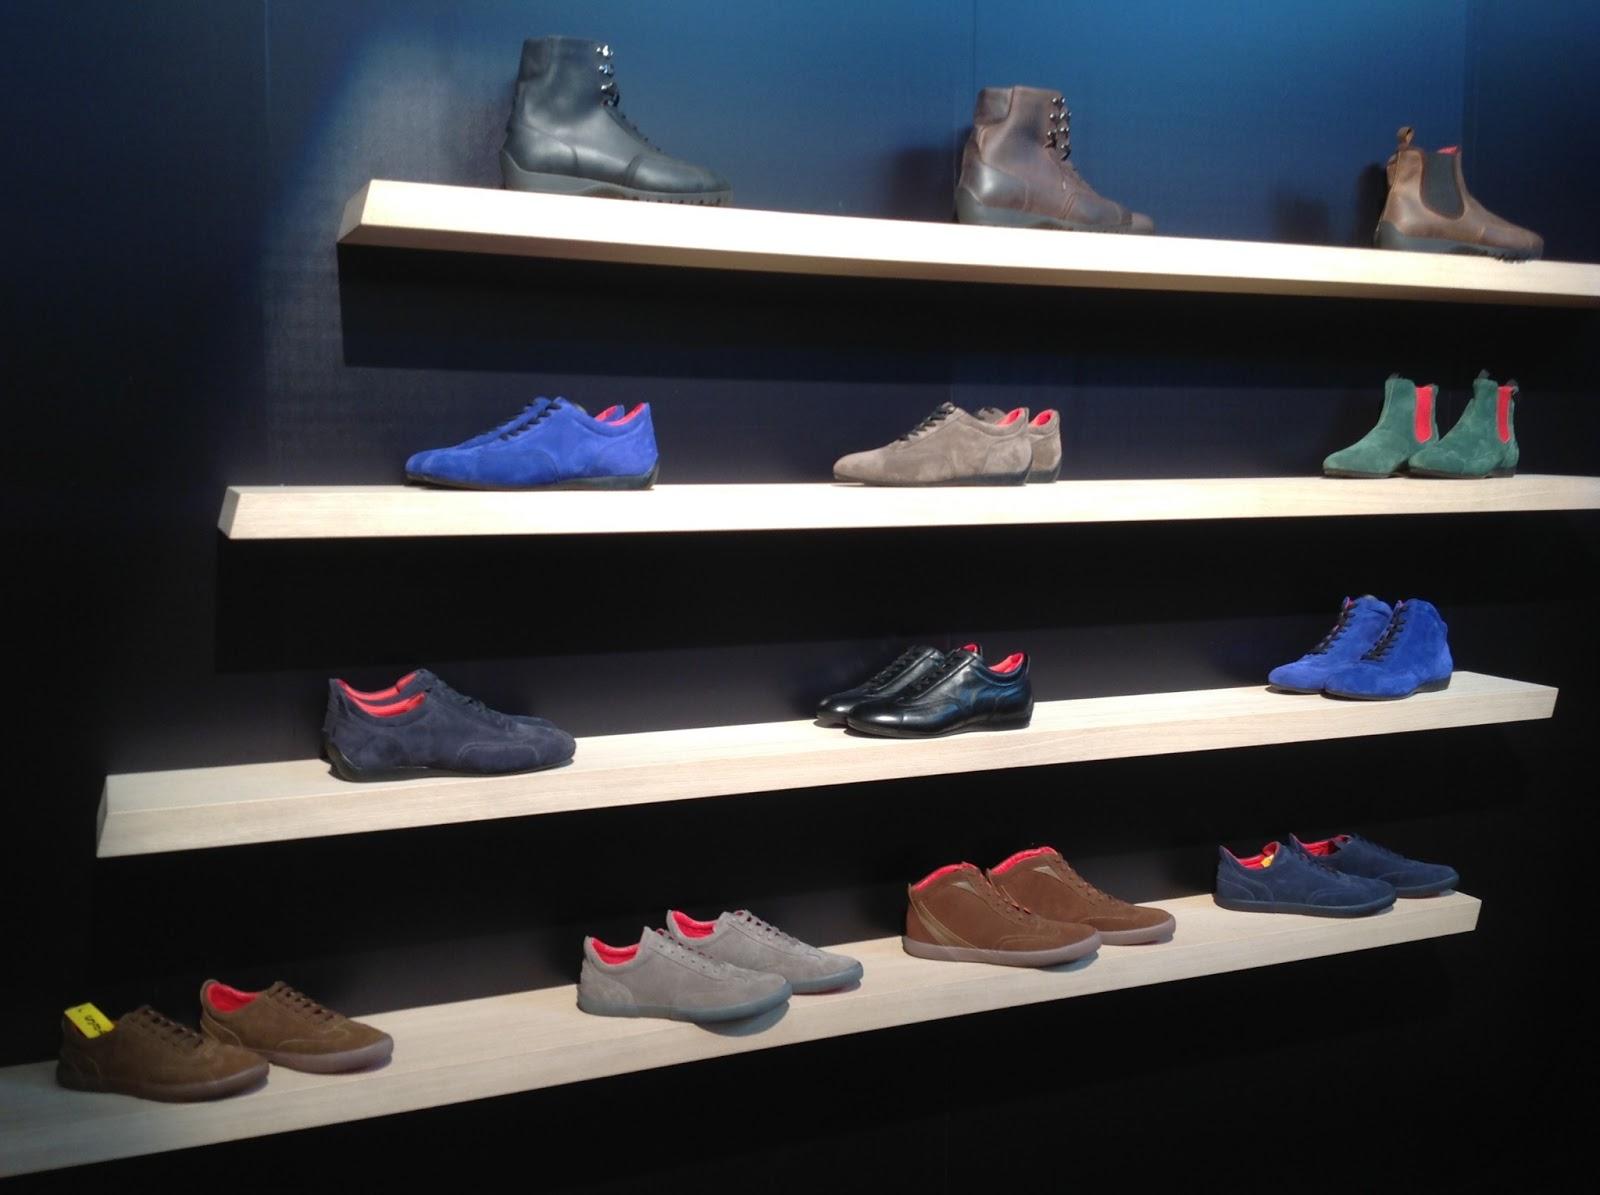 separation shoes fc65e 3e813 In Moda Veritas: Sabelt F/W 2013-14 at Pitti Immagine Uomo #83